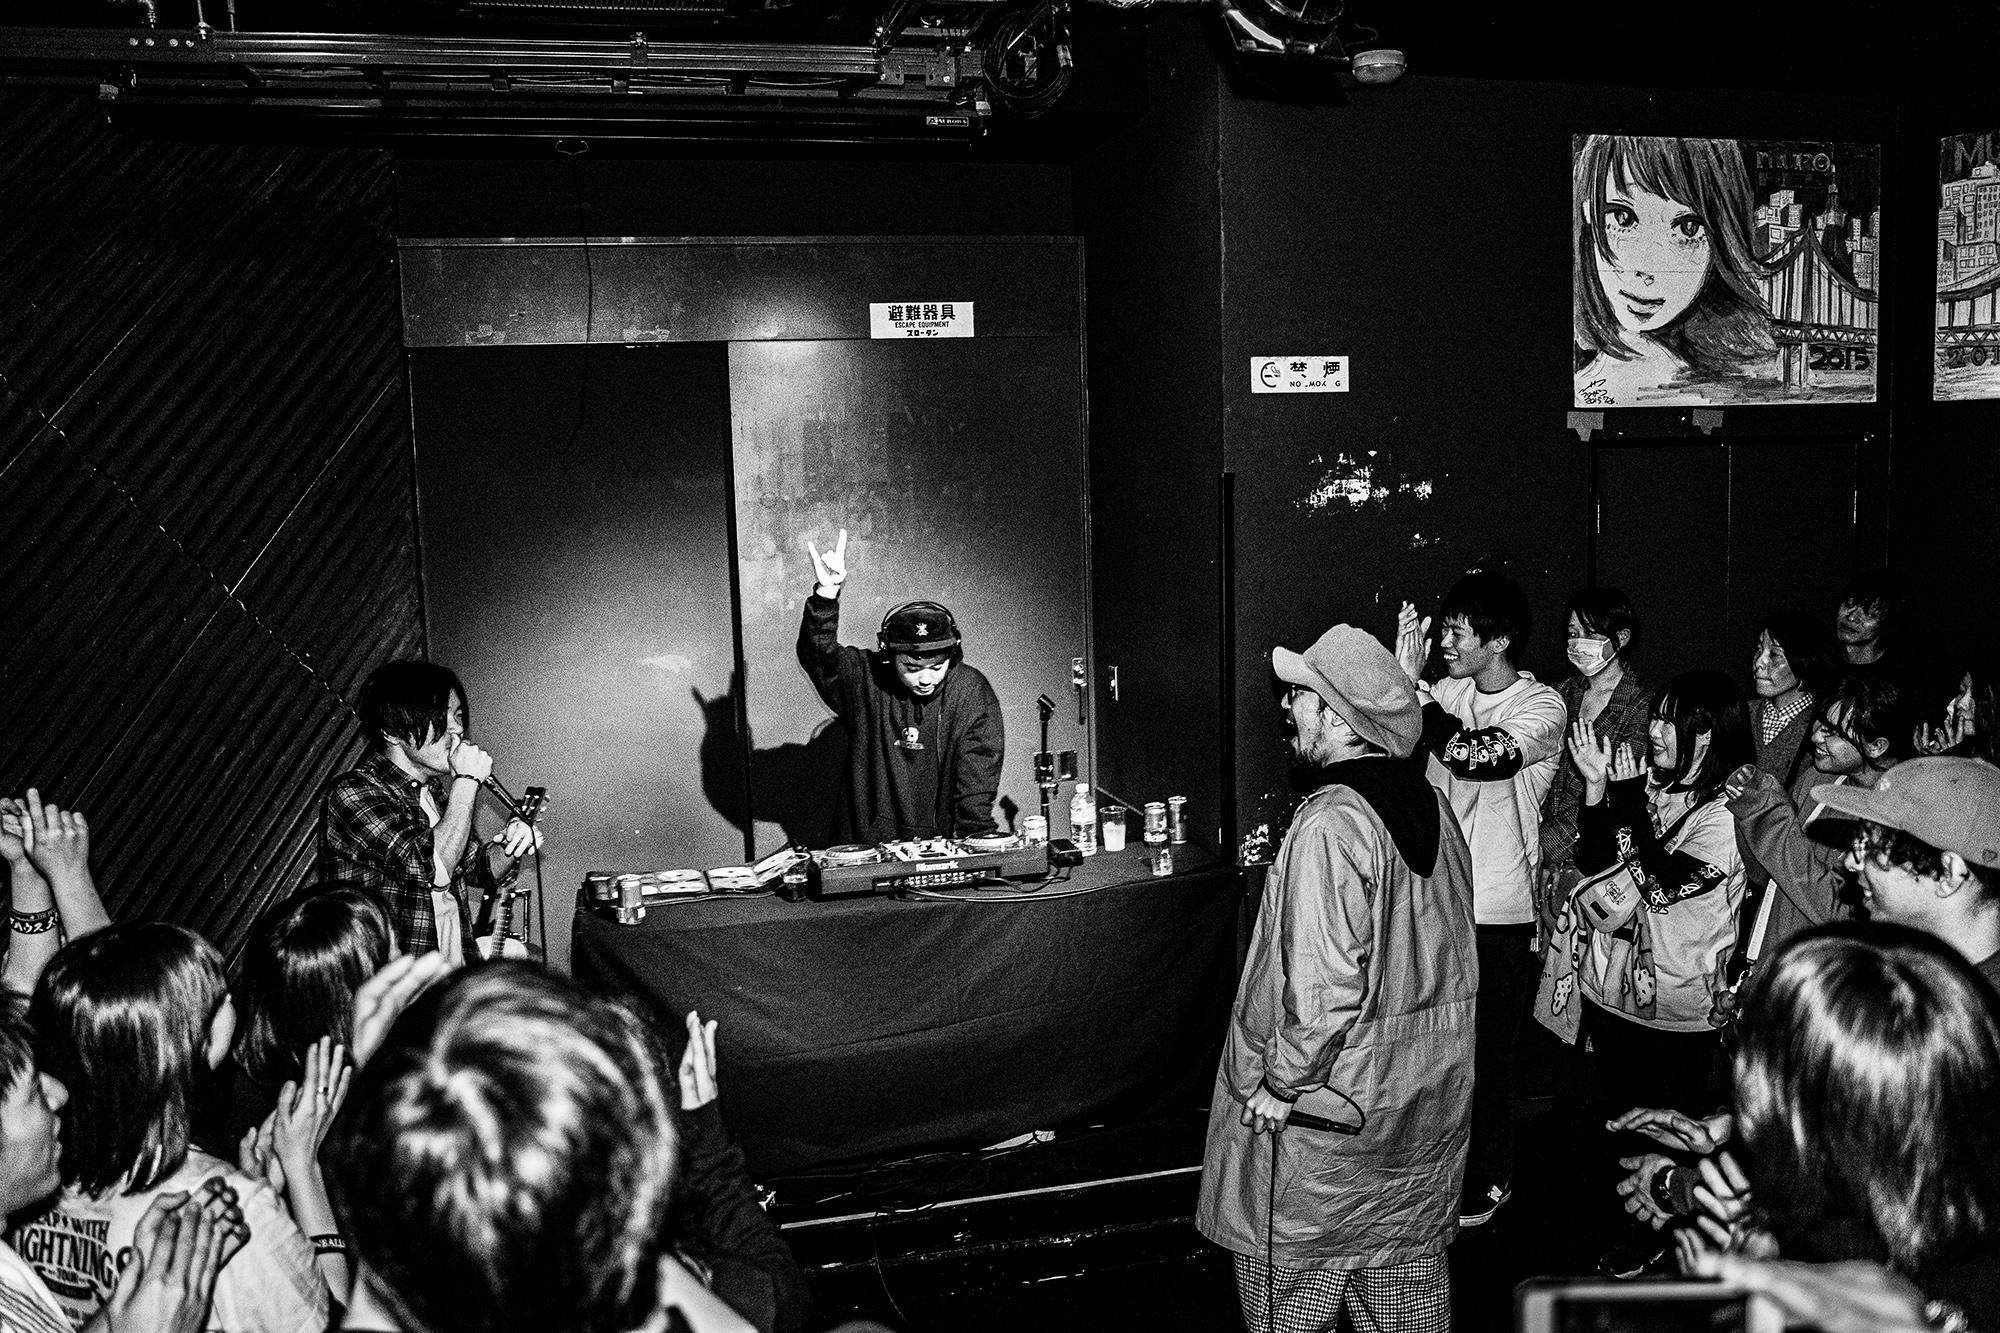 2019年12月23日 at TSUTAYA O-Crest(DJオガリュウ(from 04 Limited Sazabys))